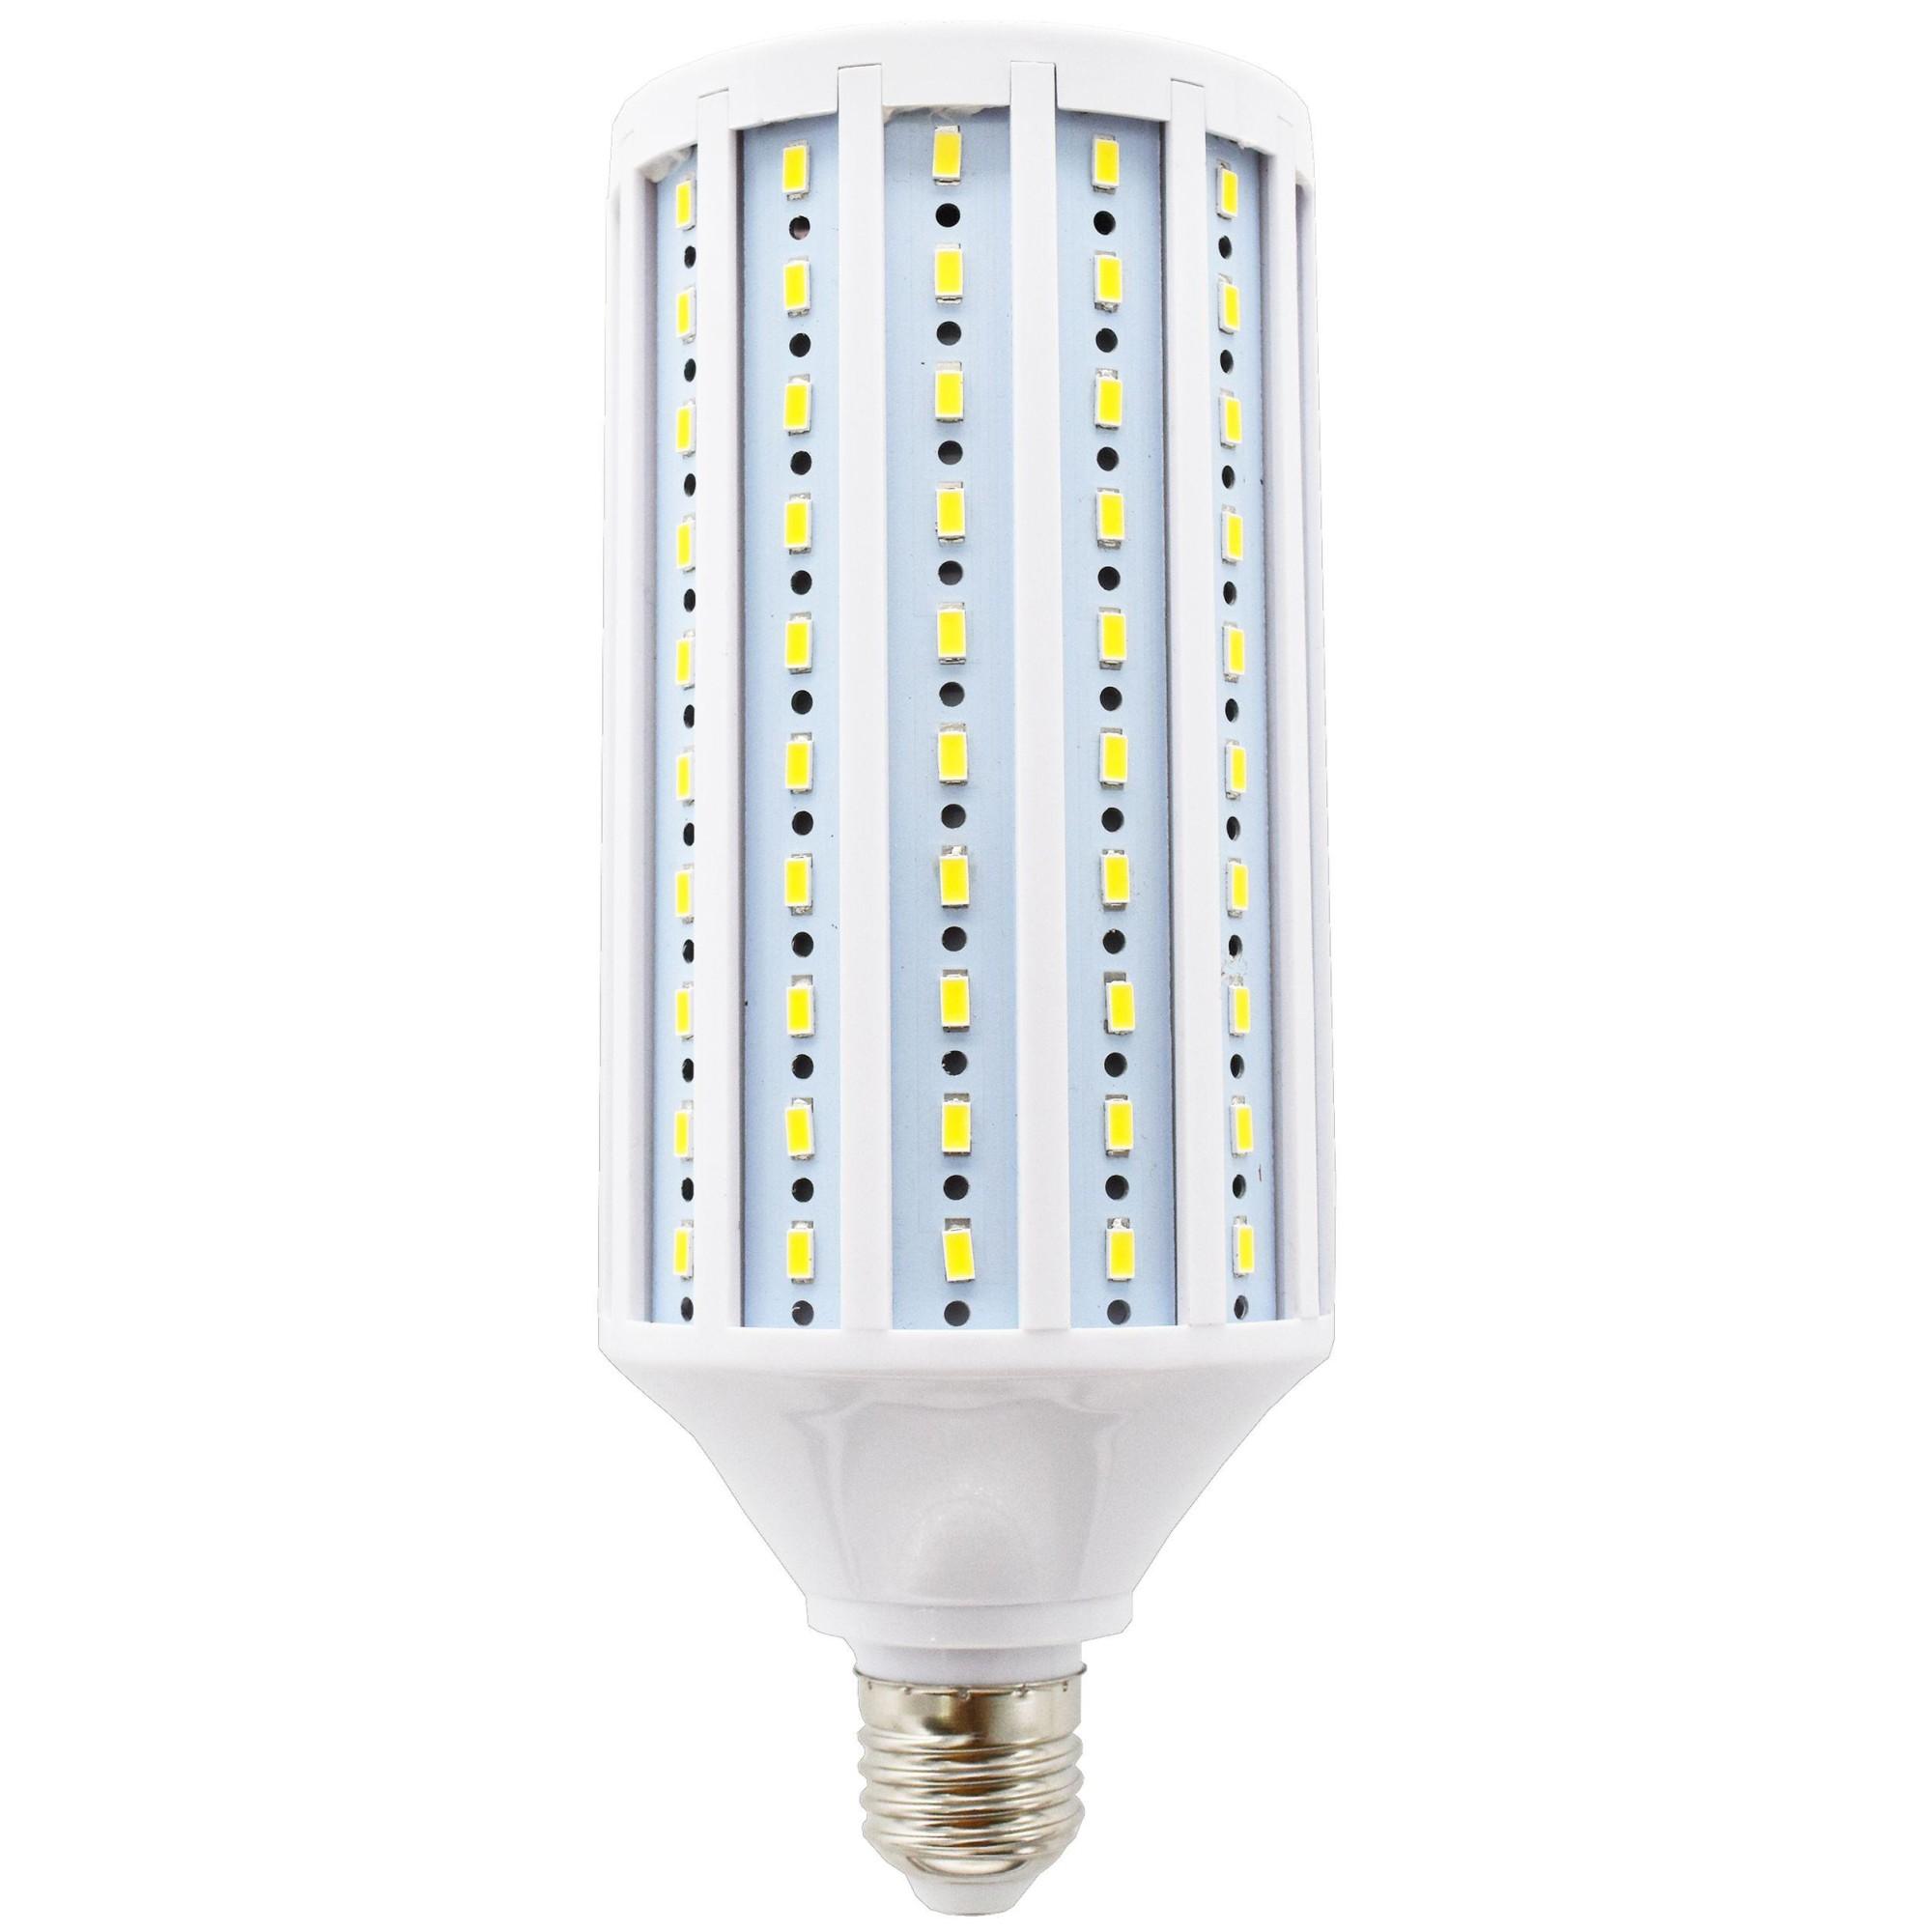 Лампа Ecola Premium светодионая E27 27 Вт кукуруза 2430 Лм теплый свет